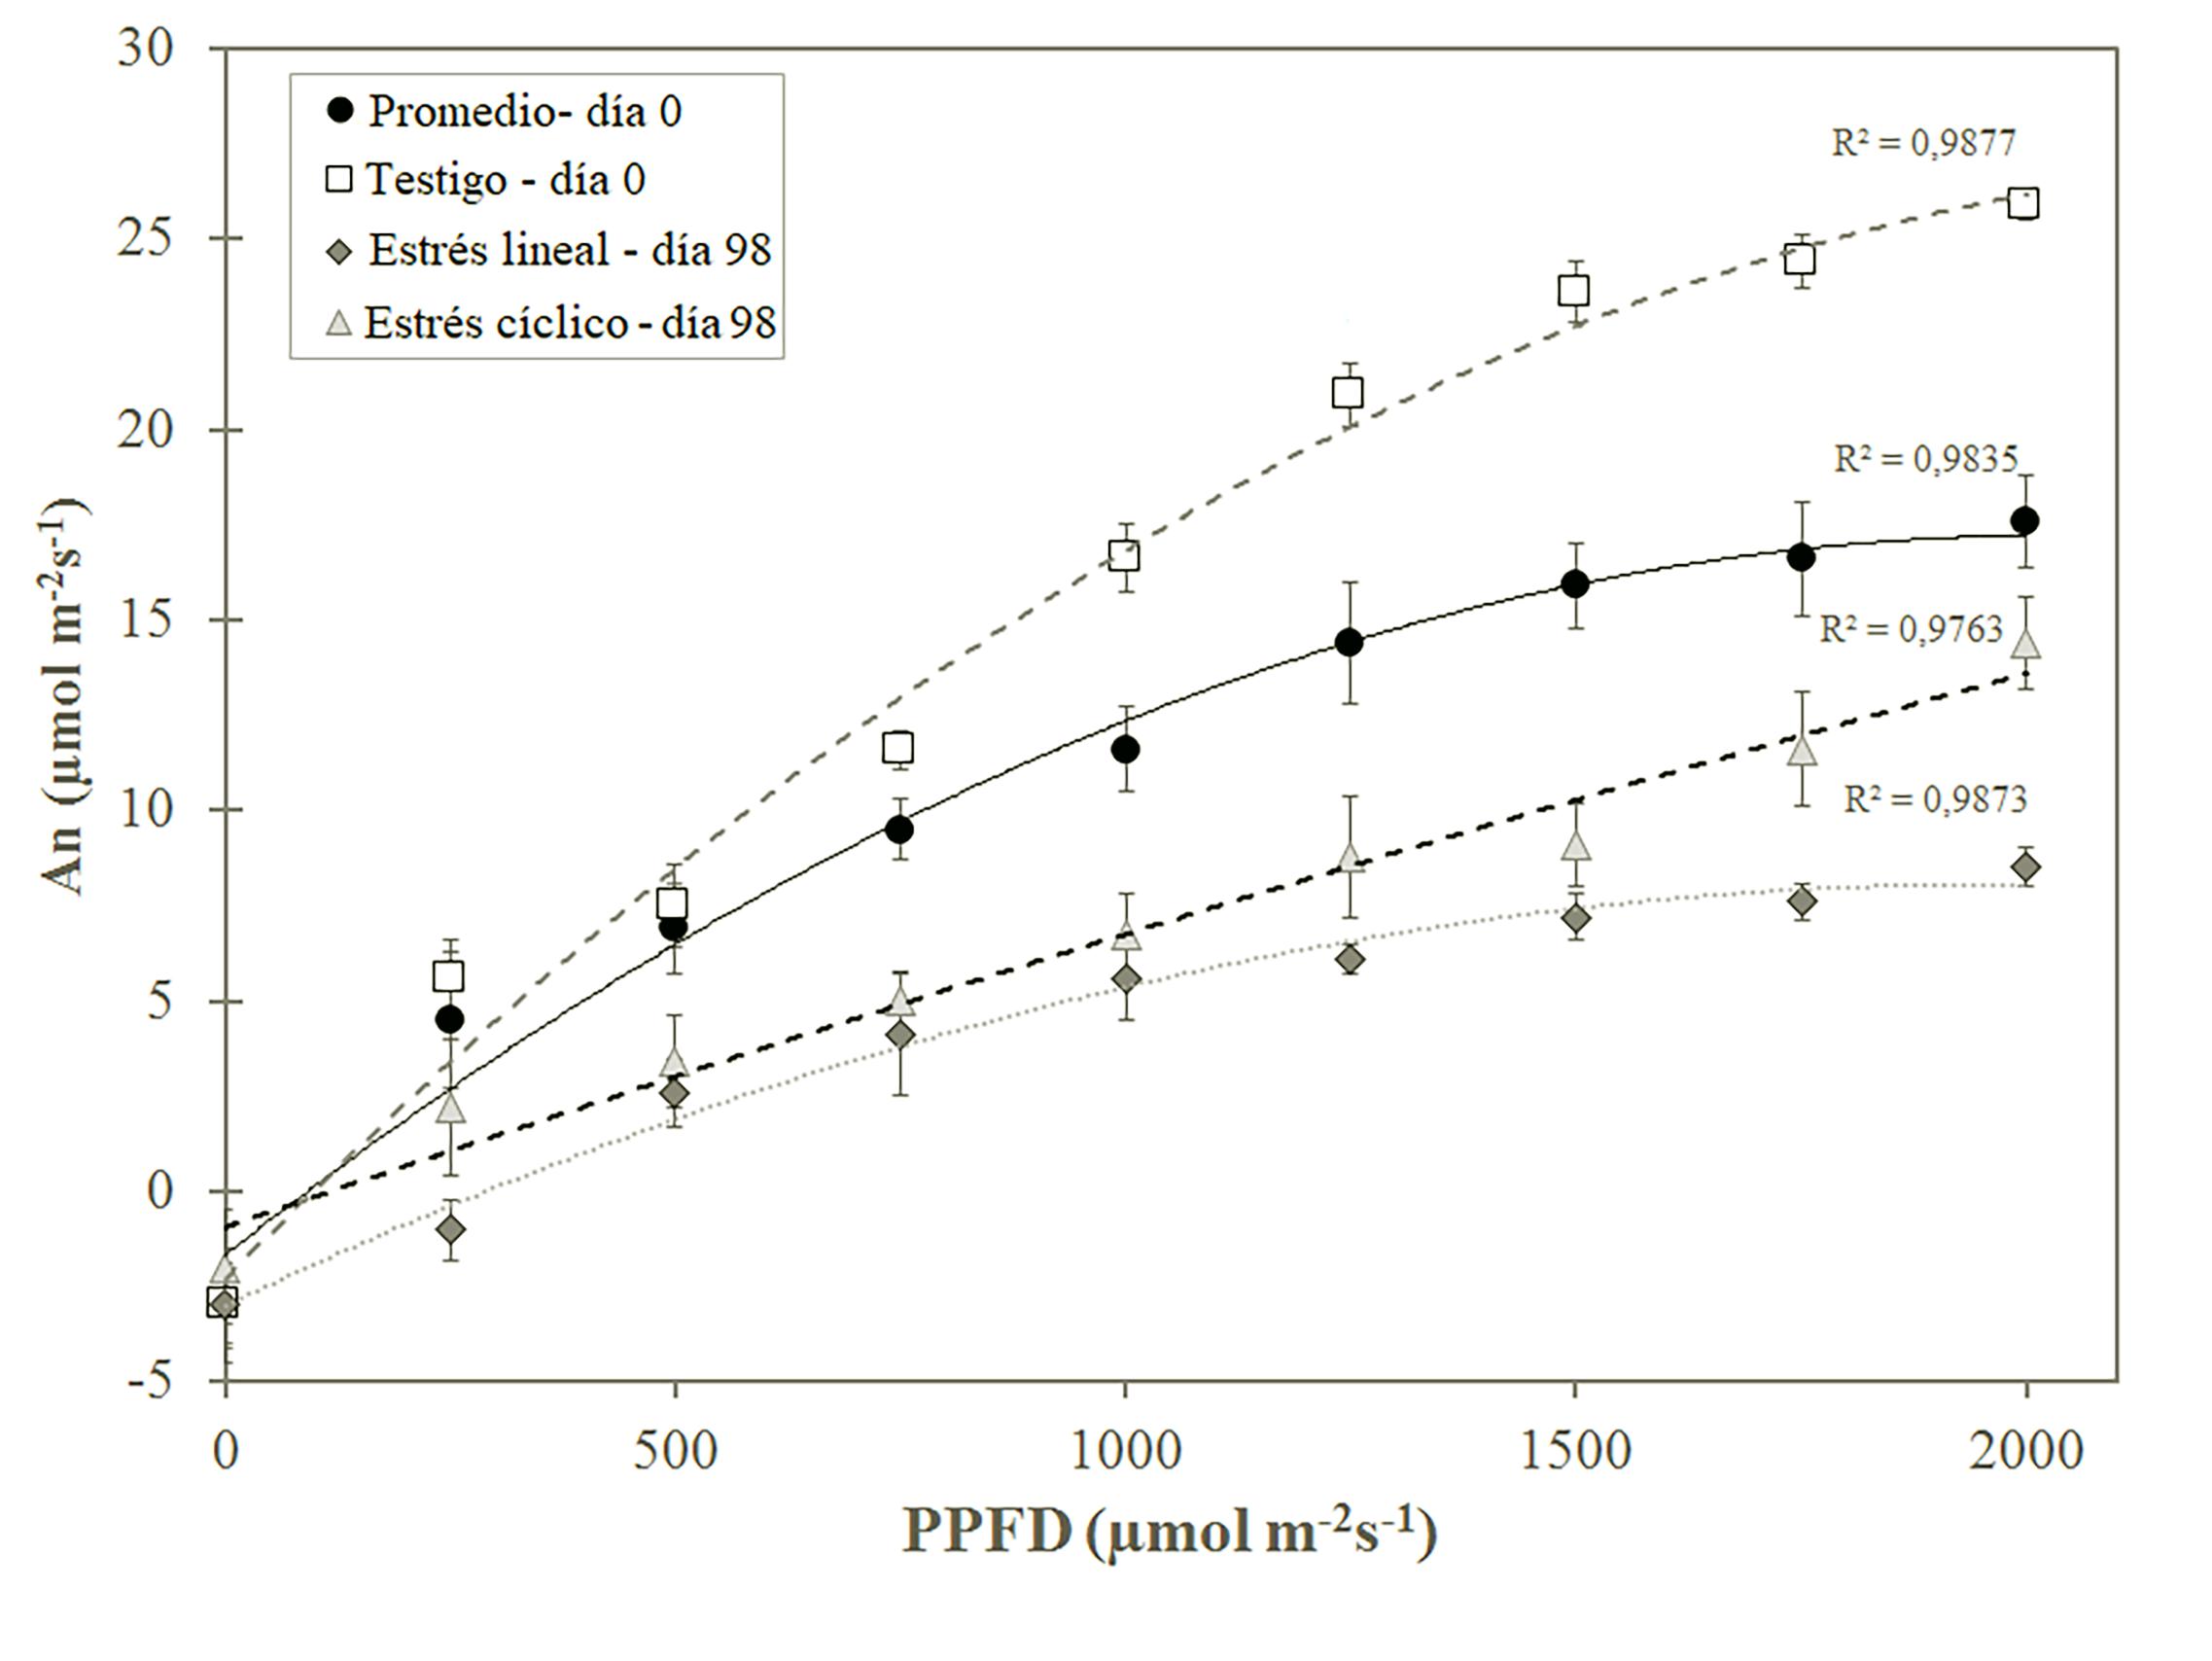 Curvas de Asimilación fotosintética neta (An) con respecto a la Photosynthetic Photon Flux Density (PPFD), obtenida en día 0 y día 98 en plantas de G. sepium bajo tres tratamientos de estrés hídrico en condiciones de invernadero.